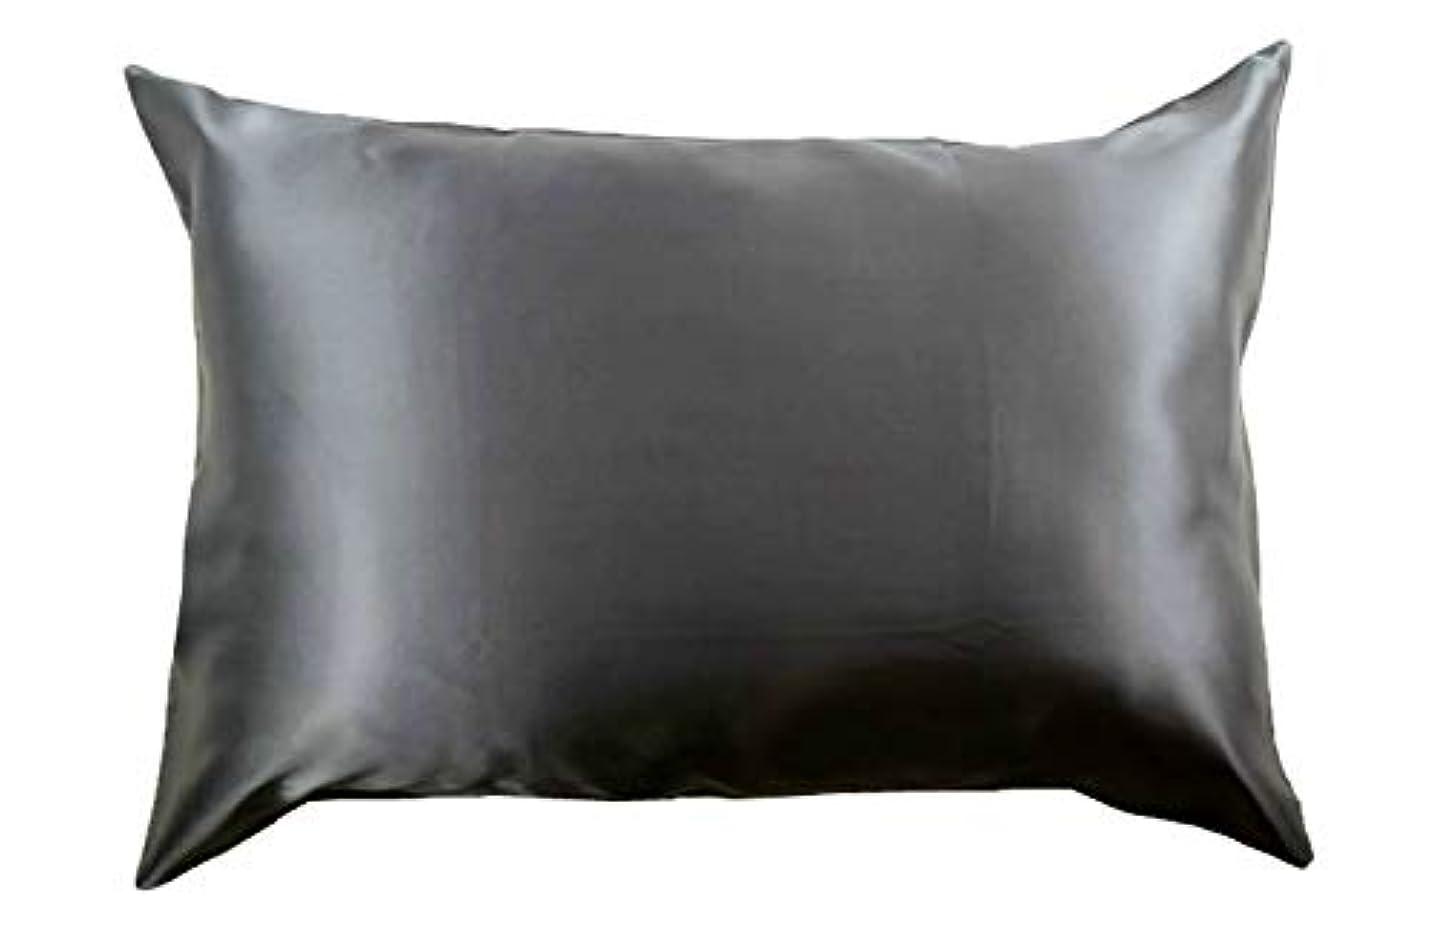 処理する長々と鉛筆Celestial Silk 100%シルク枕カバー ヘアラグジュアリー25匁マルベリーシルク用 両面にシャルムーズシルク使用 ギフトラップ 標準 グレー